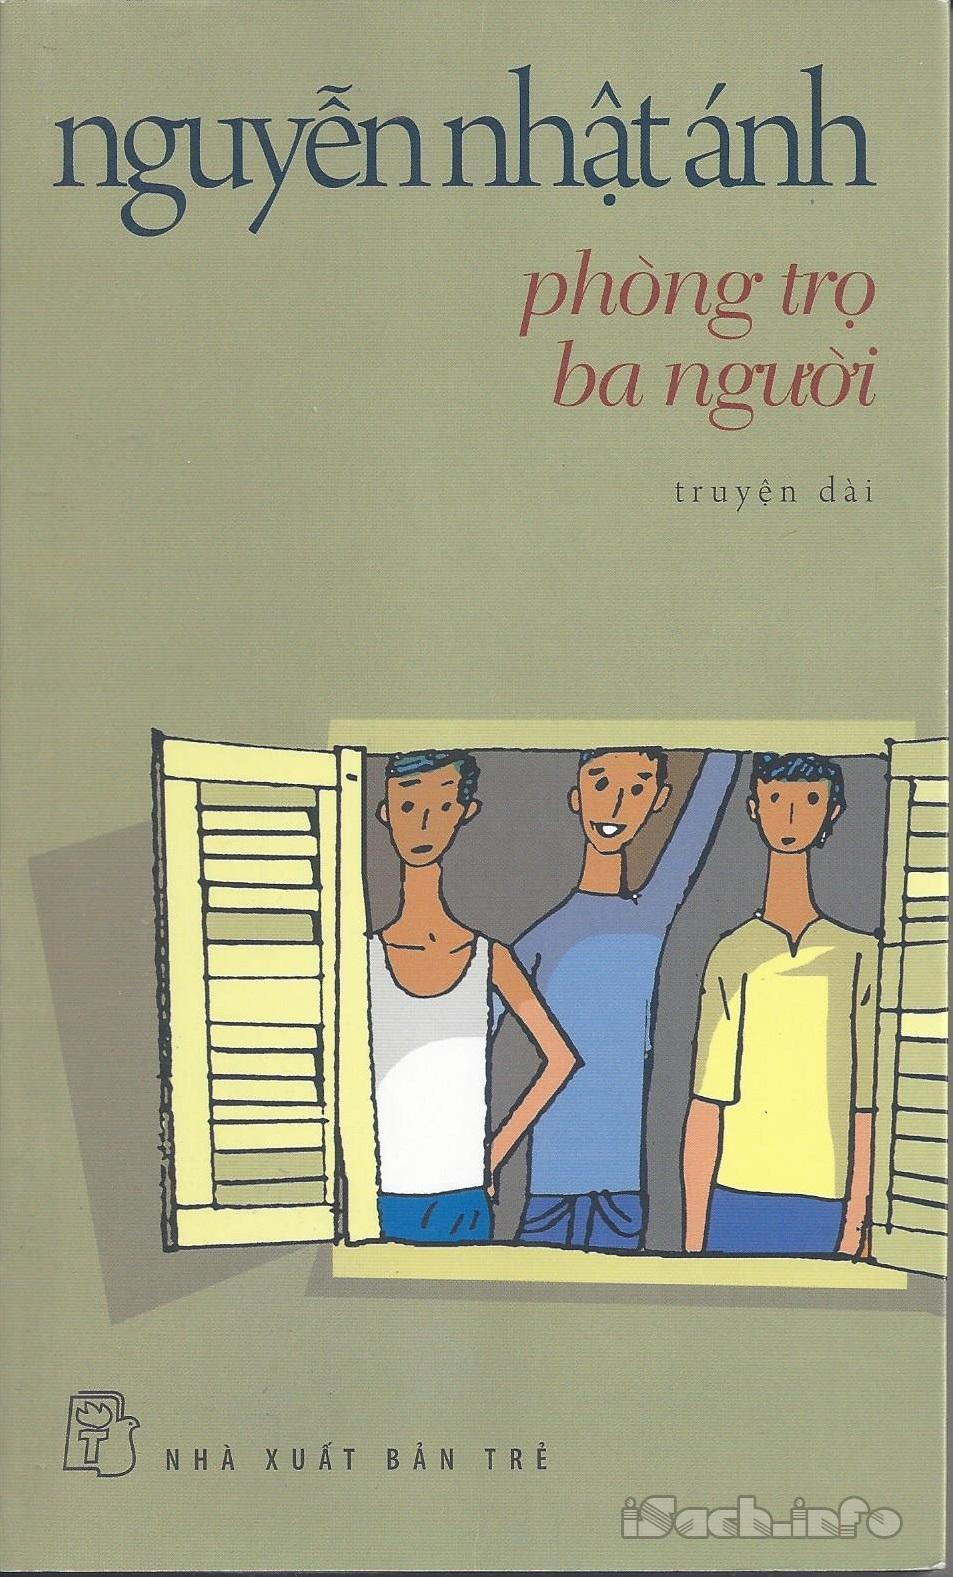 sach phong tro ba nguoi Những quyển sách hay nhất của Nguyễn Nhật Ánh